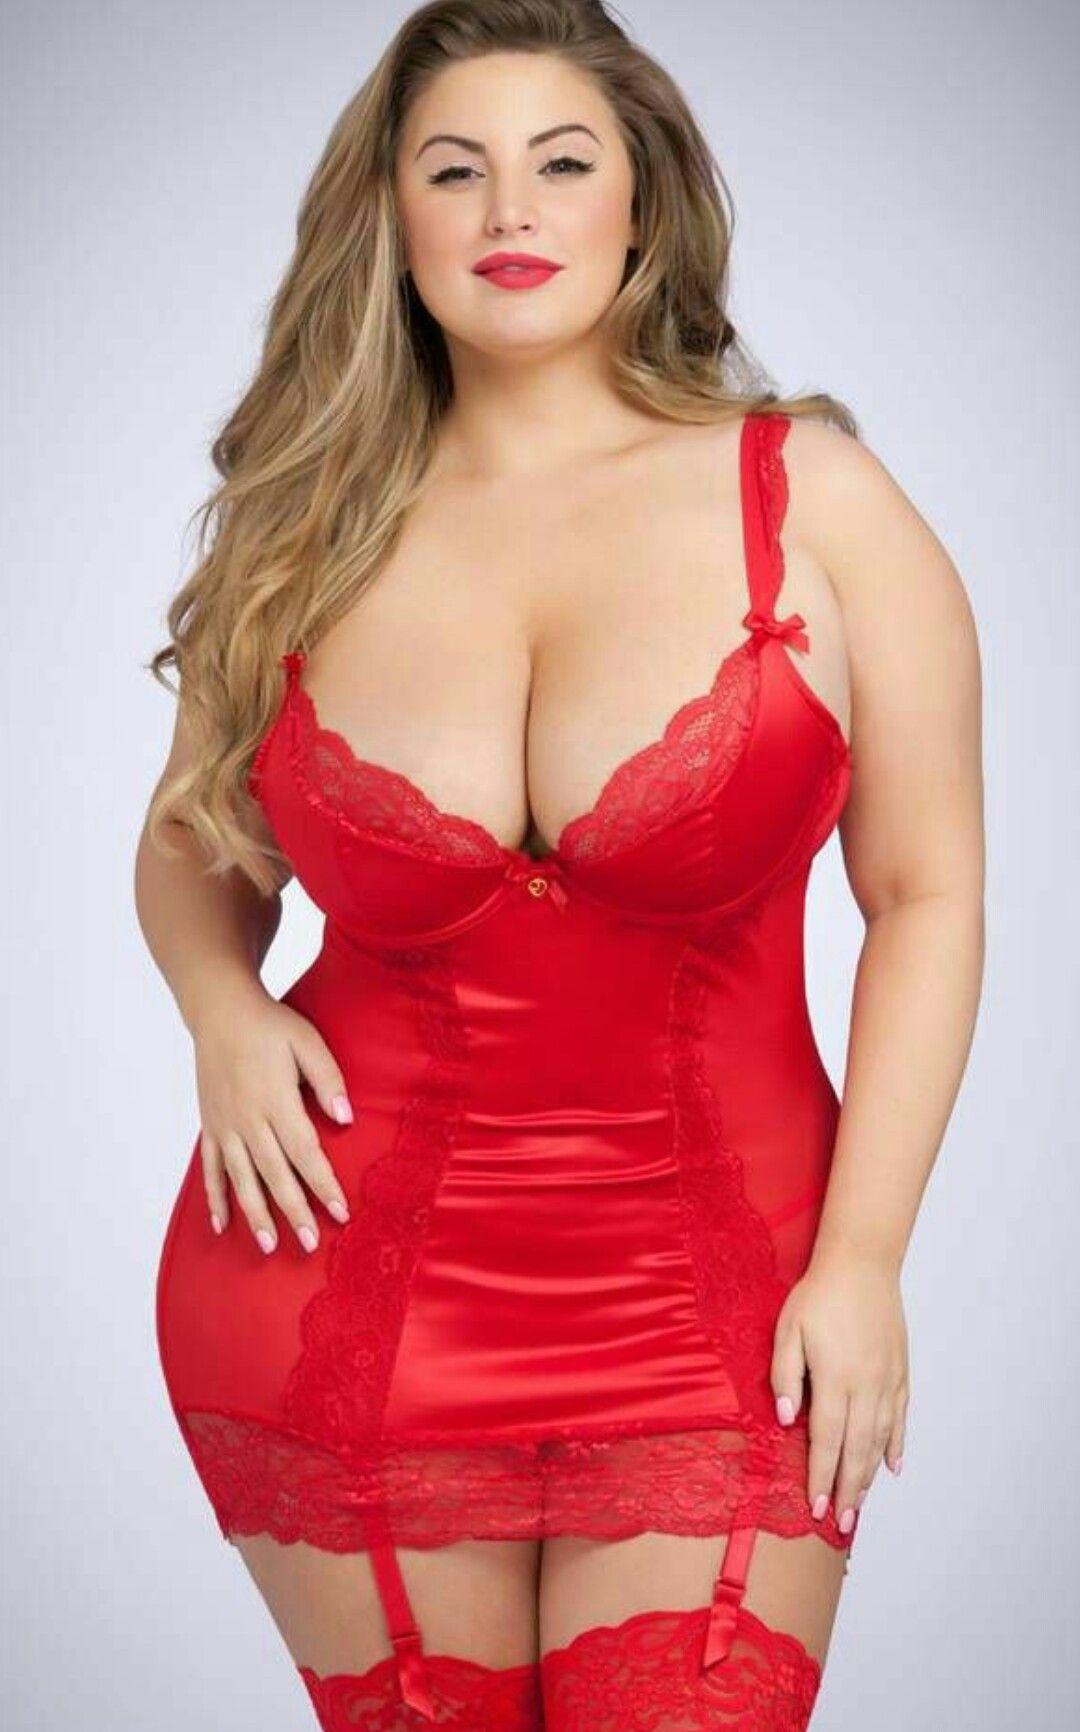 c18276750071f Ashley Alexiss Curvy Women Fashion